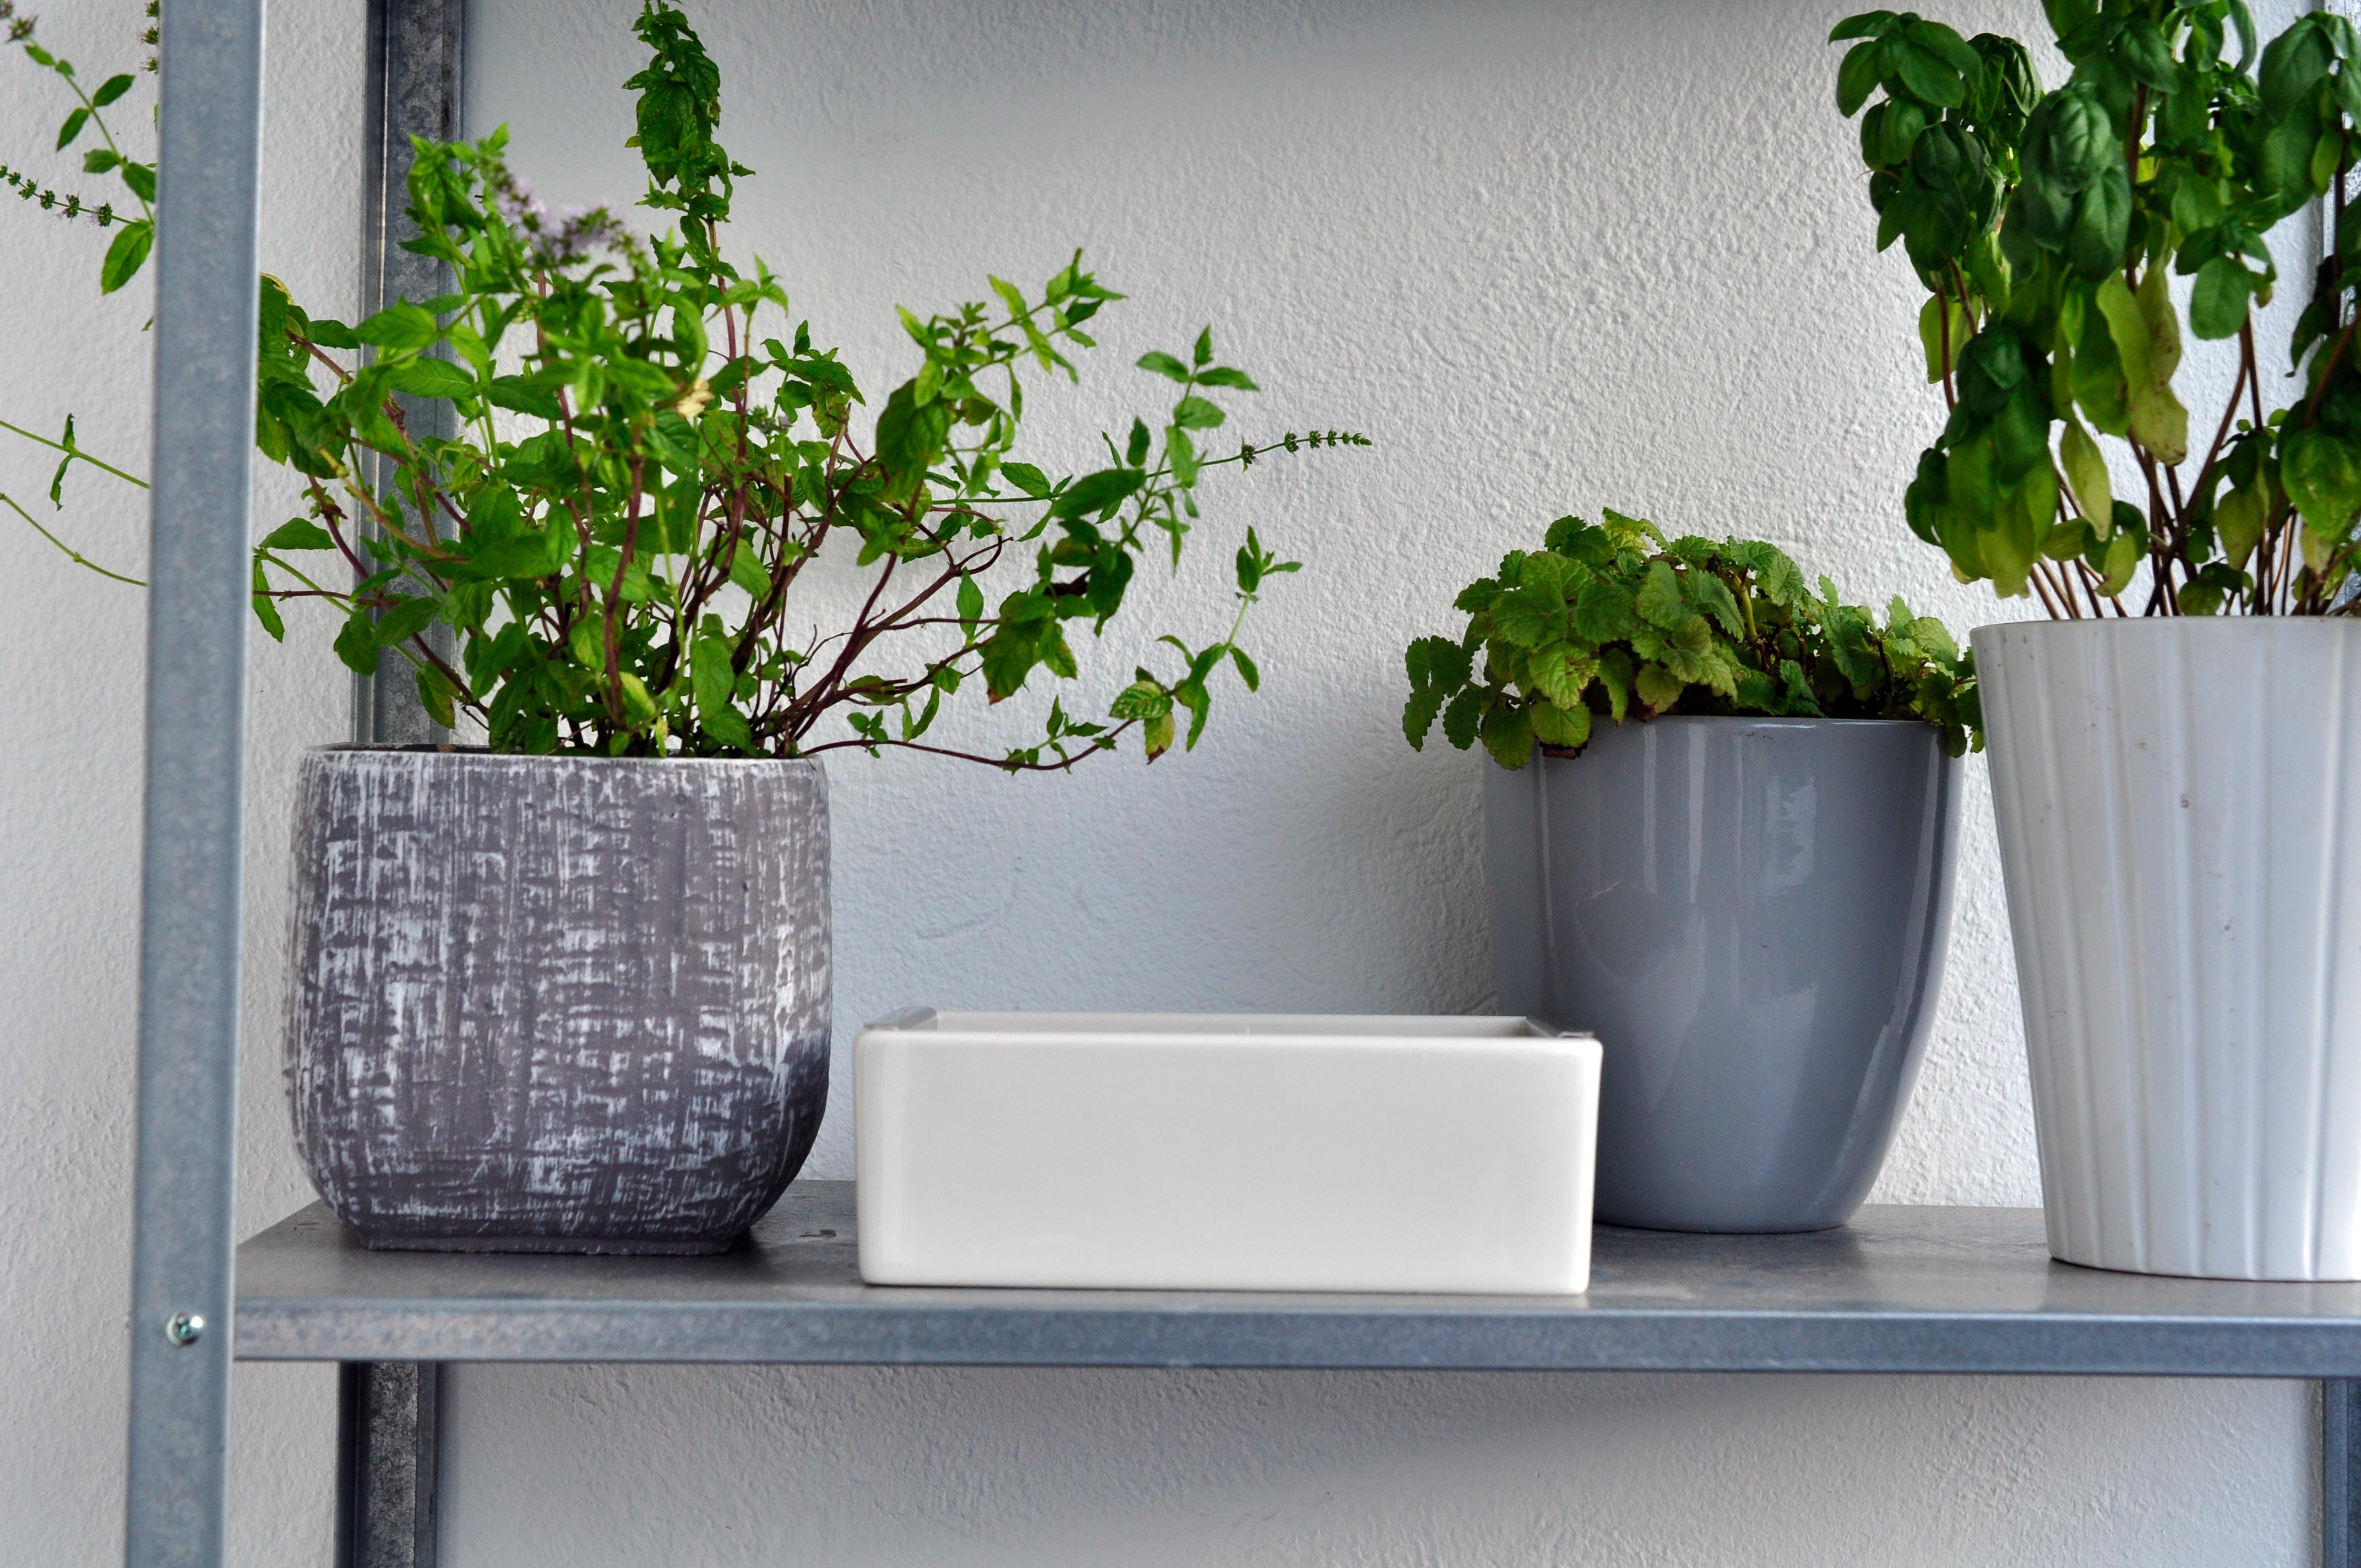 willkommen auf liebkost ein foodblog aus d sseldorf auf dieser seite findet ihr jede menge. Black Bedroom Furniture Sets. Home Design Ideas